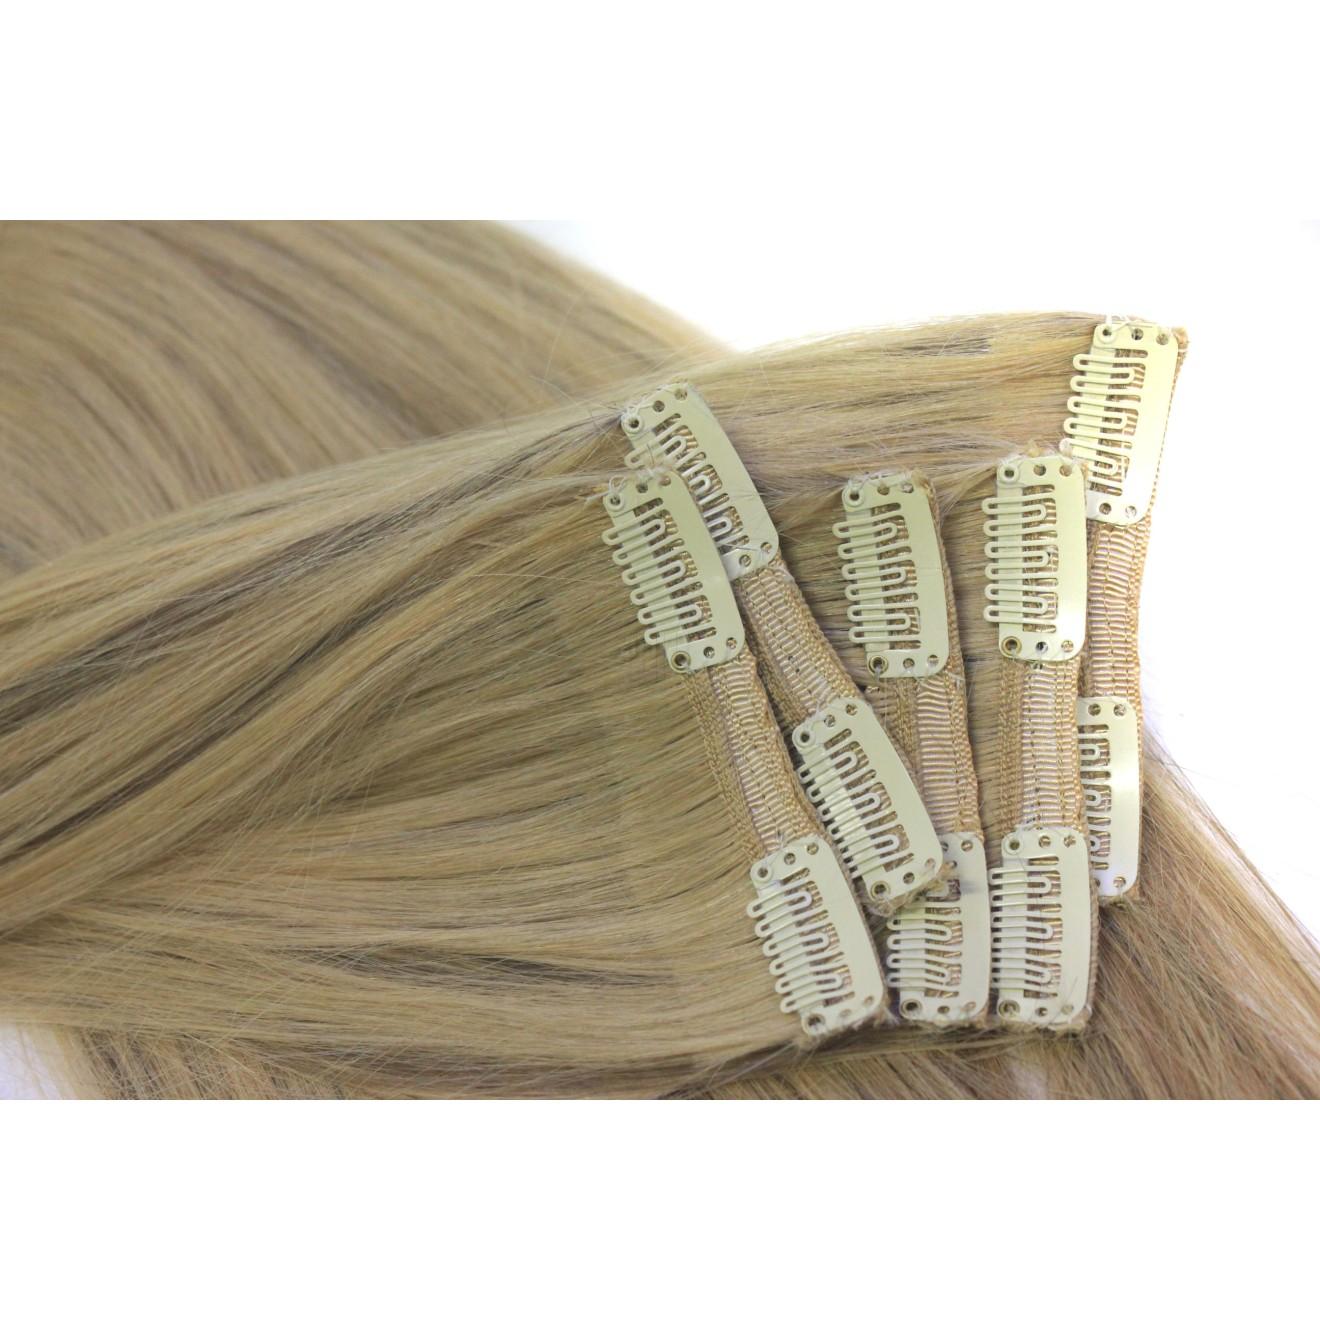 Brautfrisur clip extensions